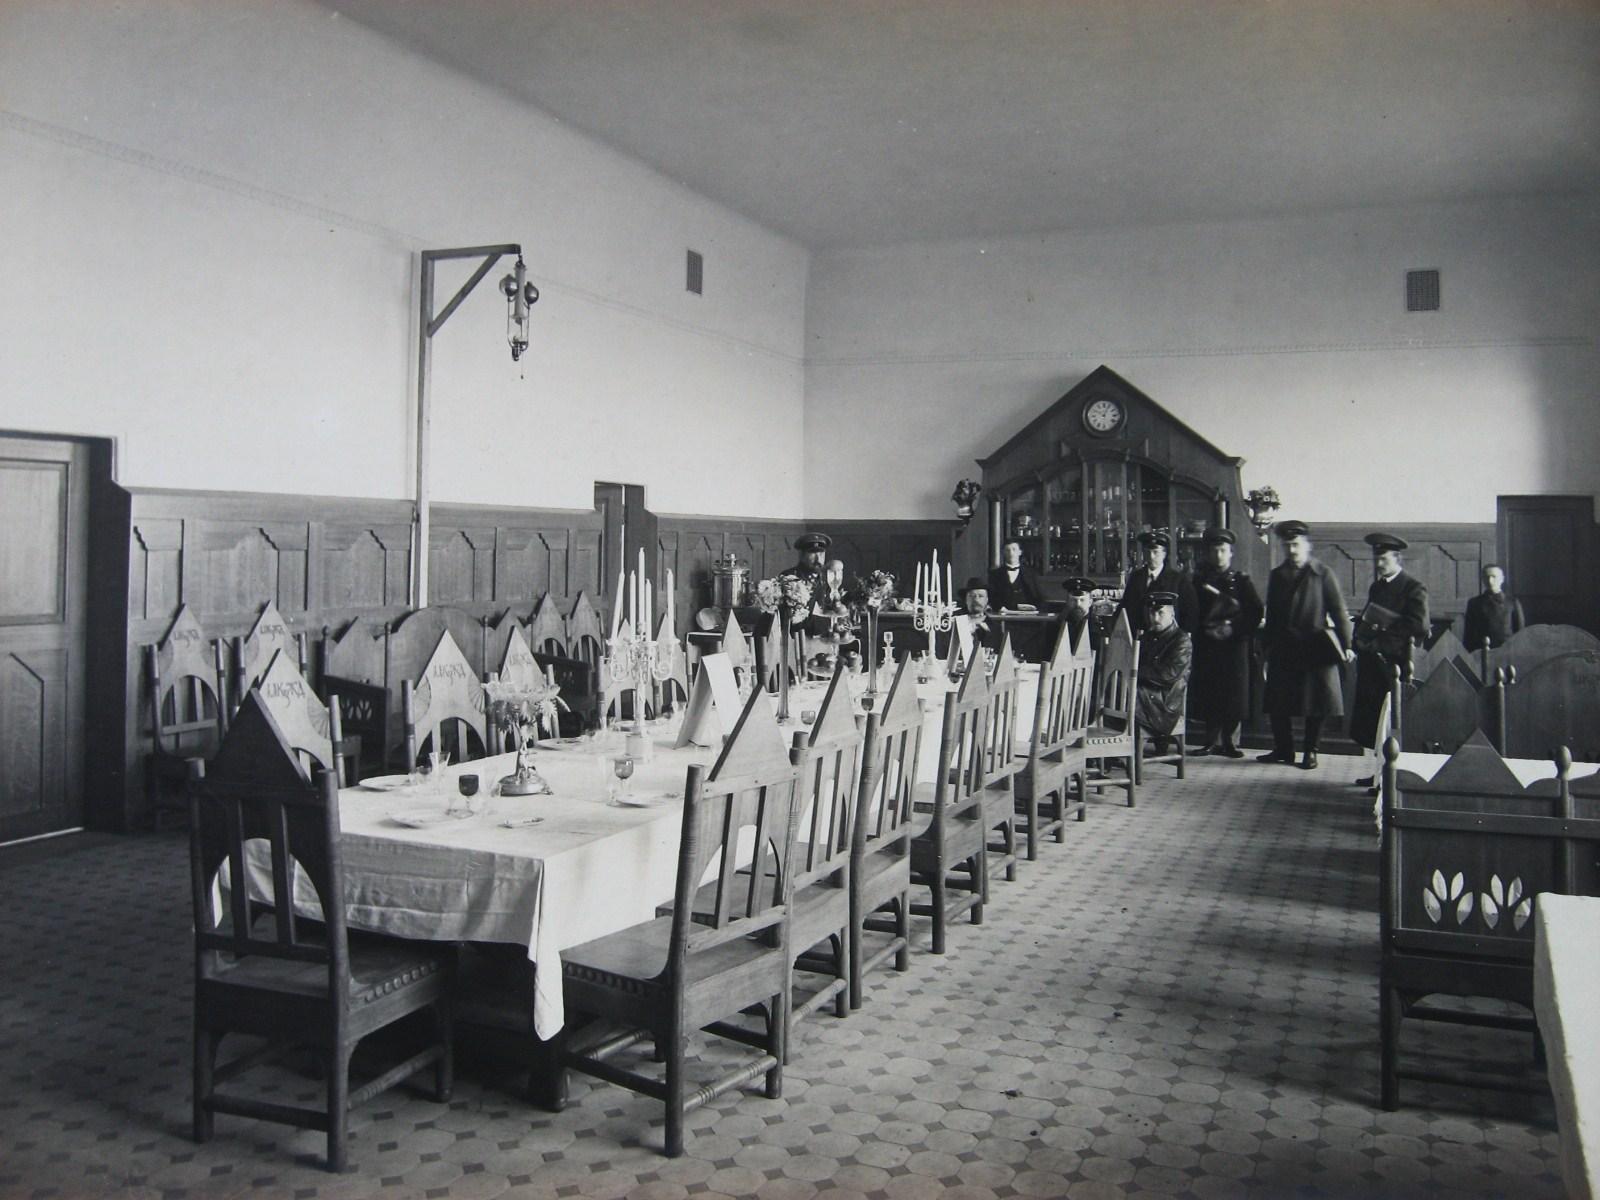 МКЖД Муром.  Зал для пассажиров I и II класса. Фото 1912 года.